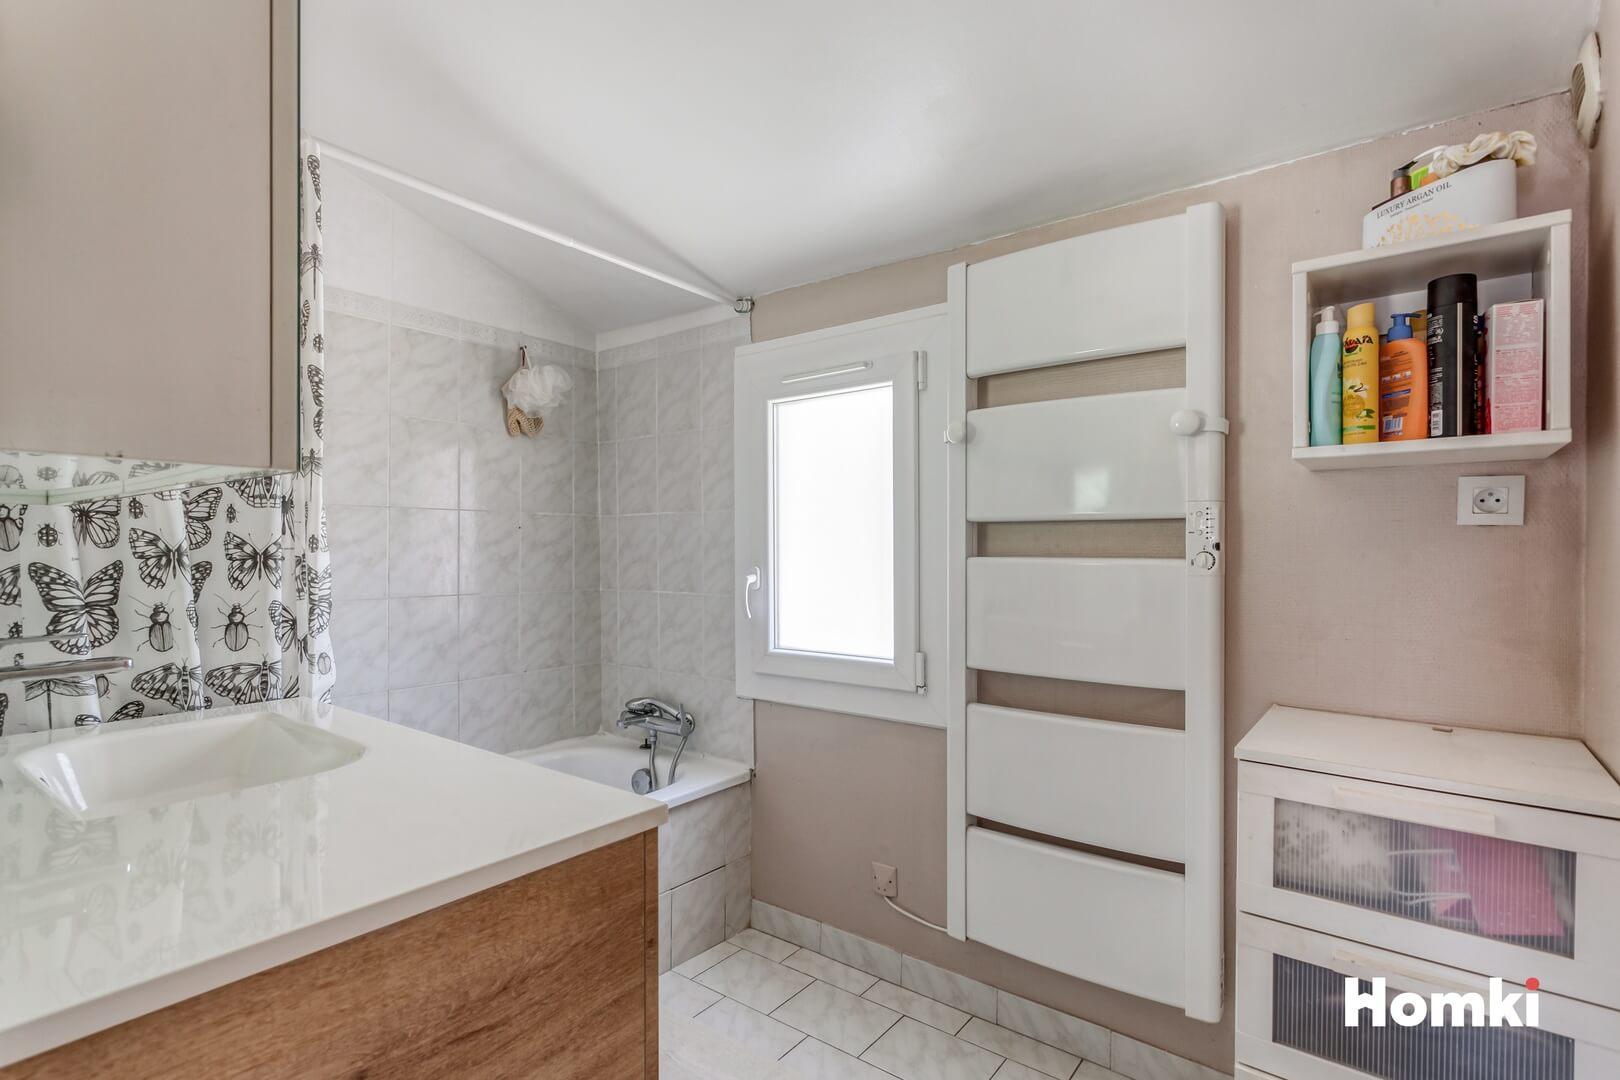 Homki - Vente Maison/villa  de 75.0 m² à Marseille 13012